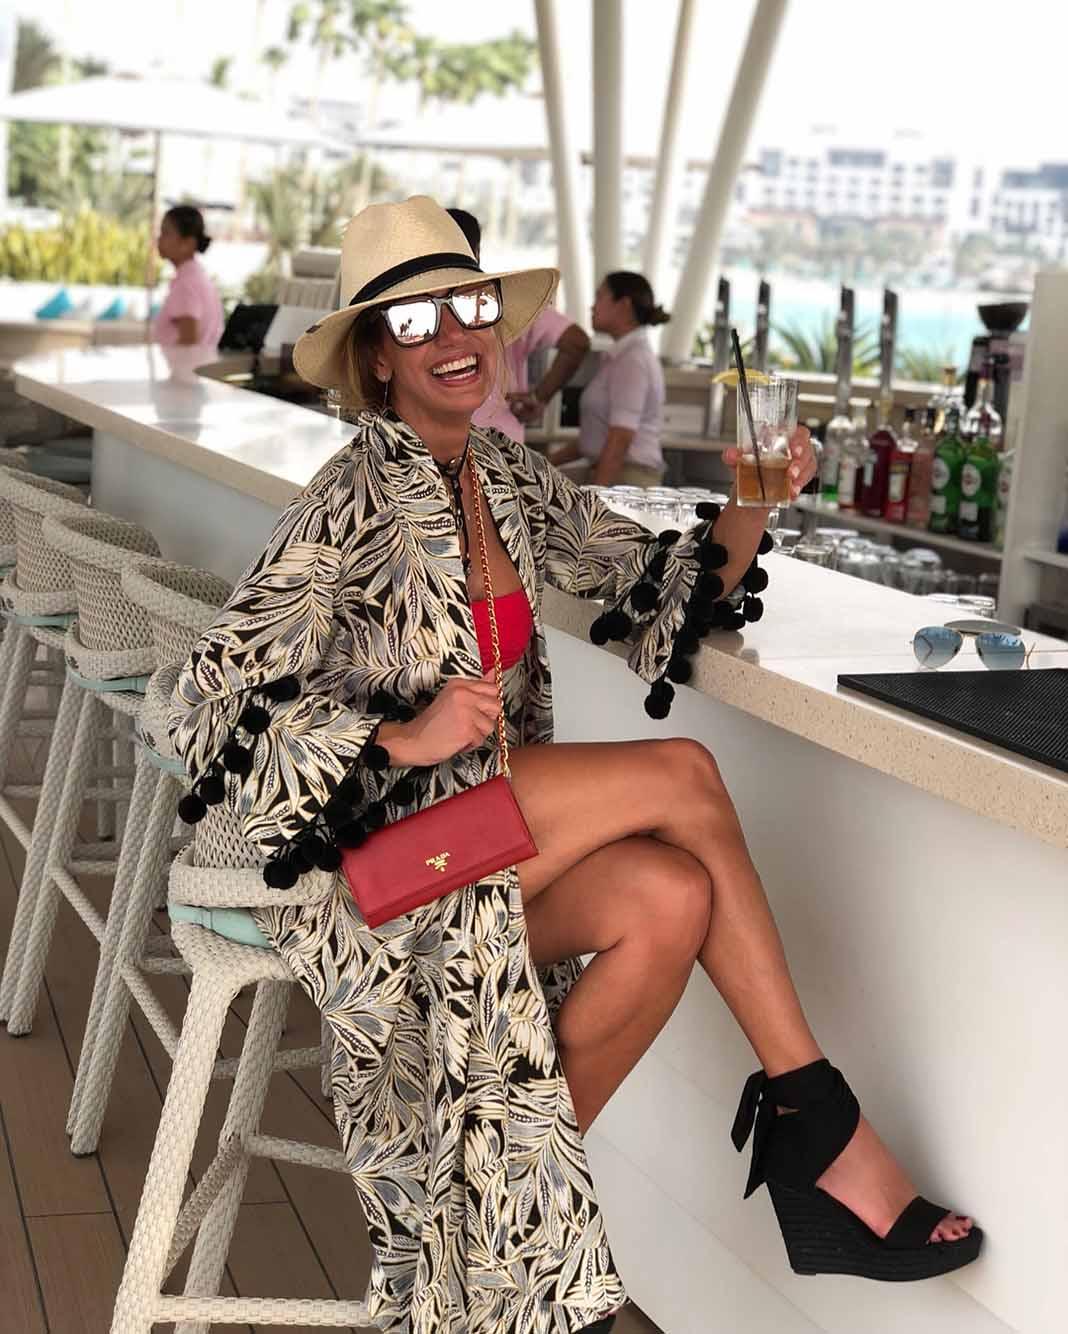 La Flaca siempre tan fashion, no importa el lugar del mundo donde esté